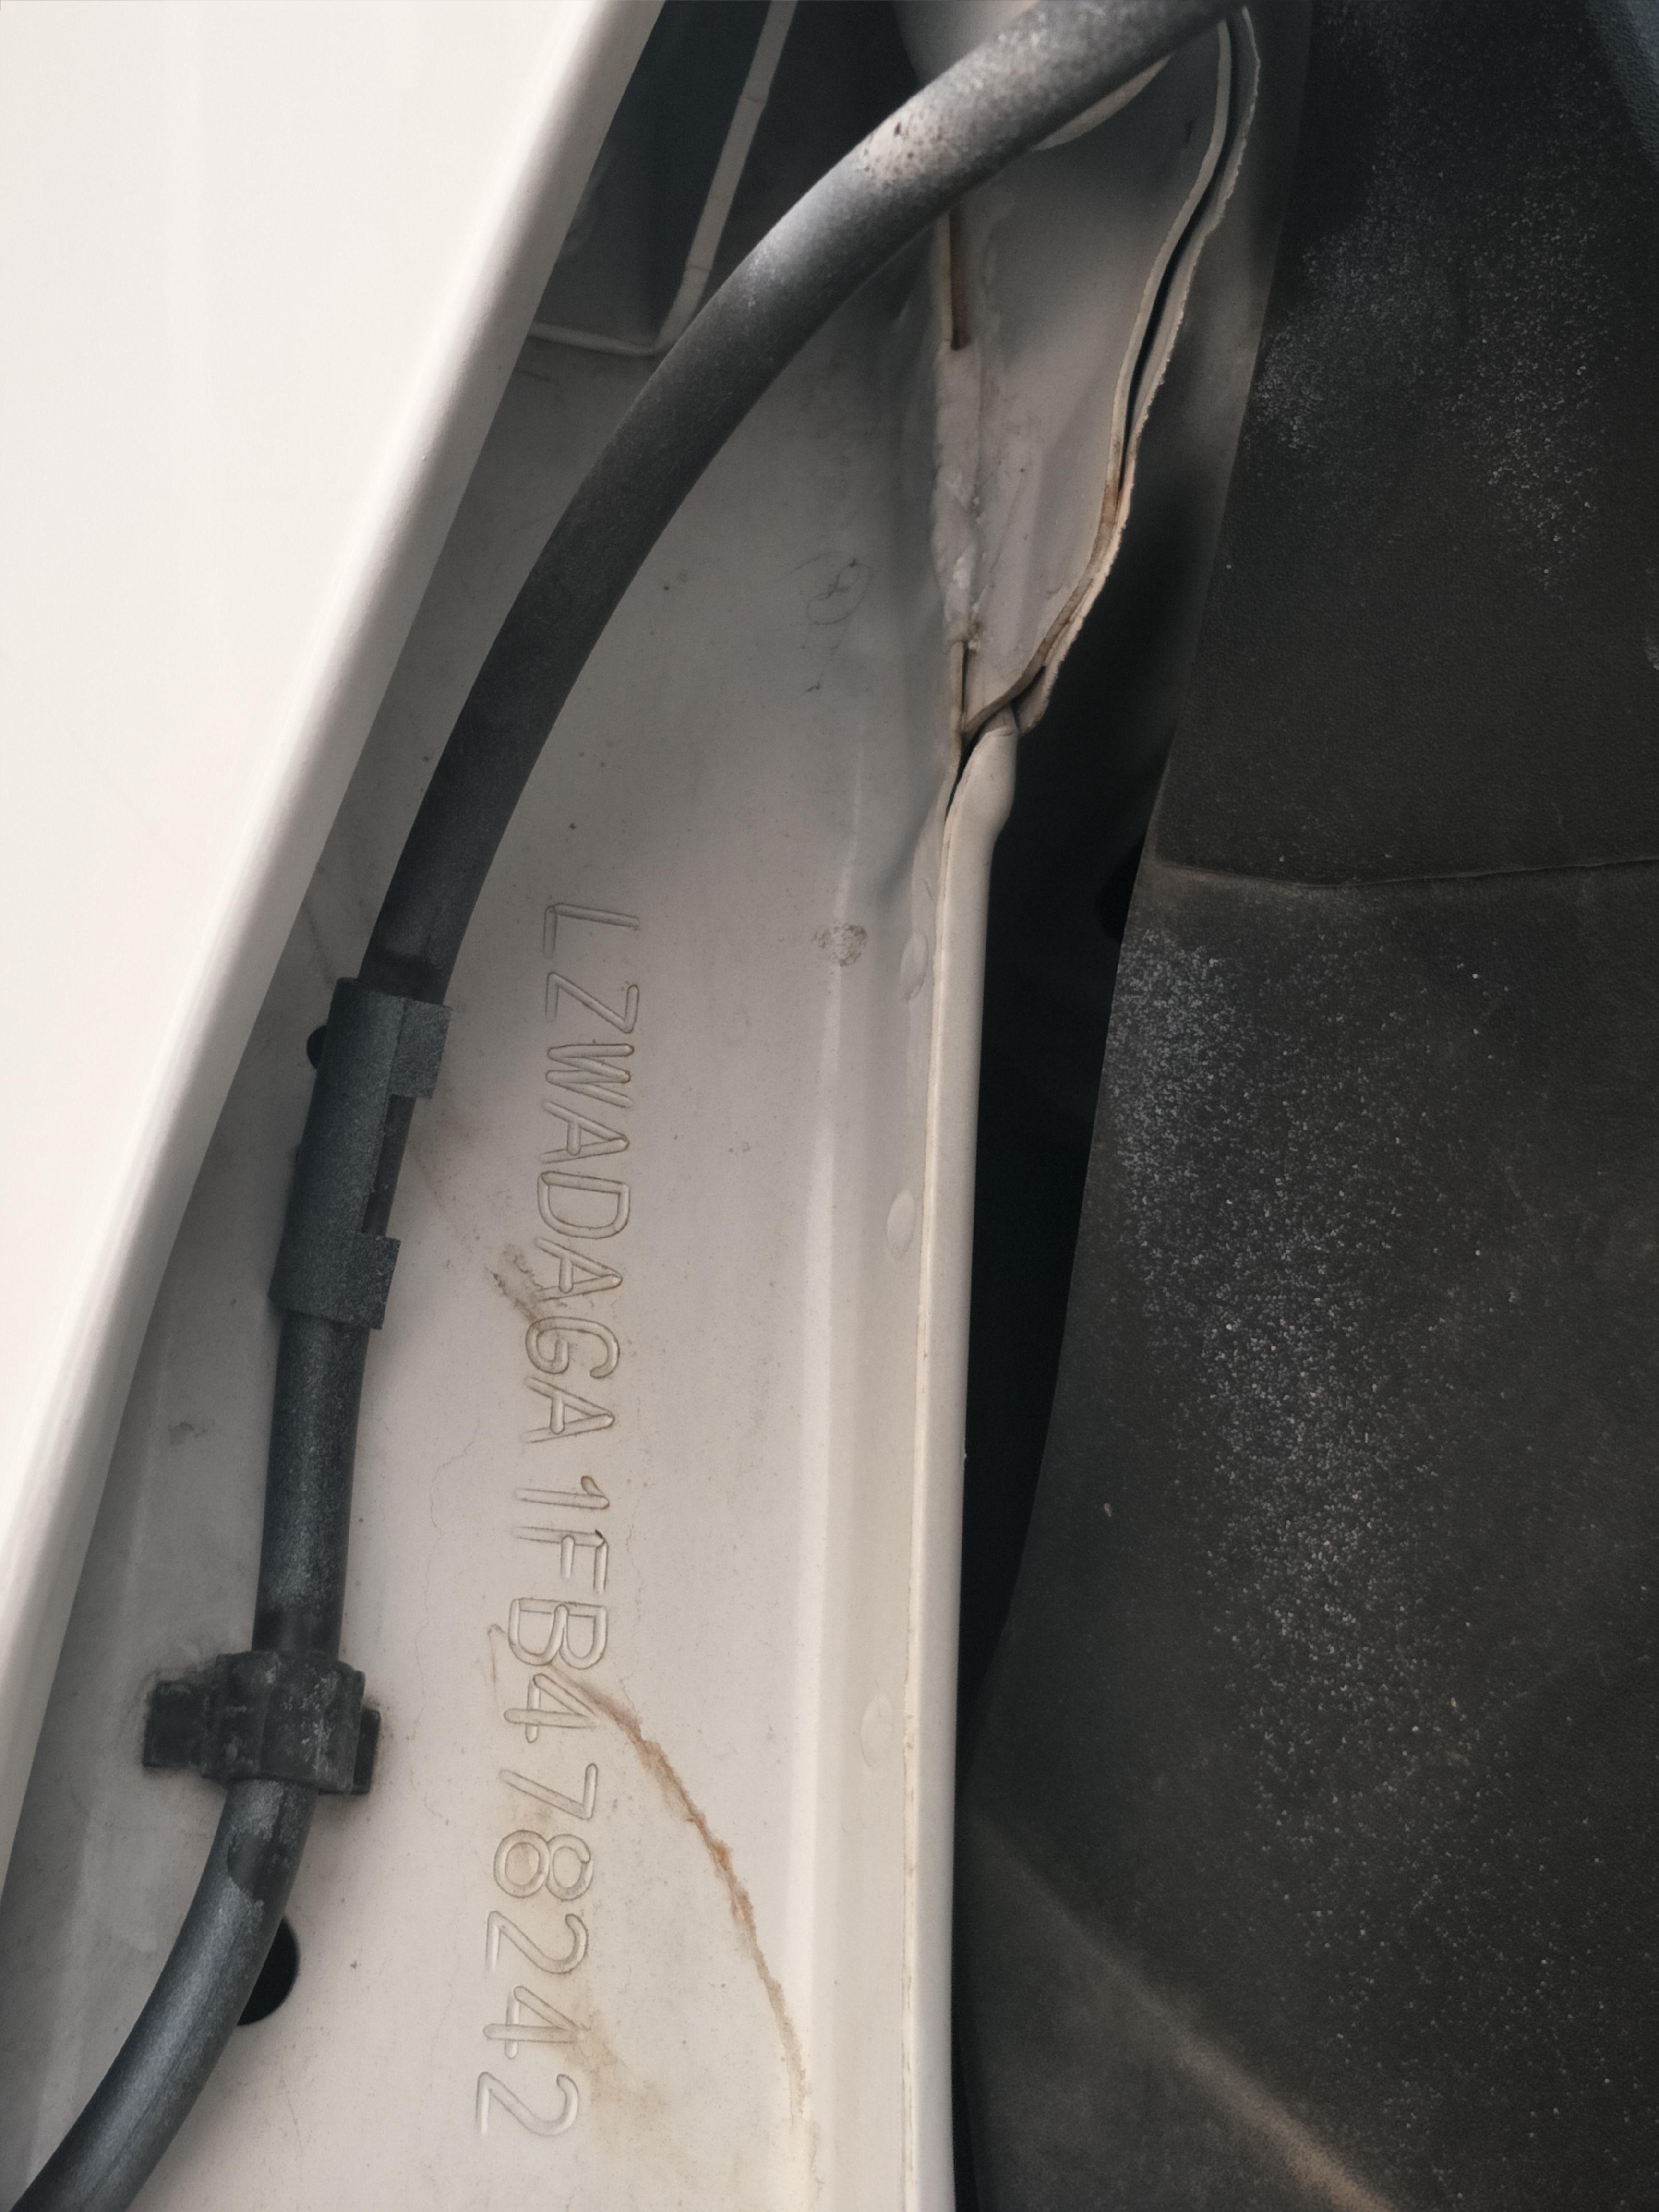 上汽通用五菱-宝骏730 车身零部件生锈腐蚀严重影响使用